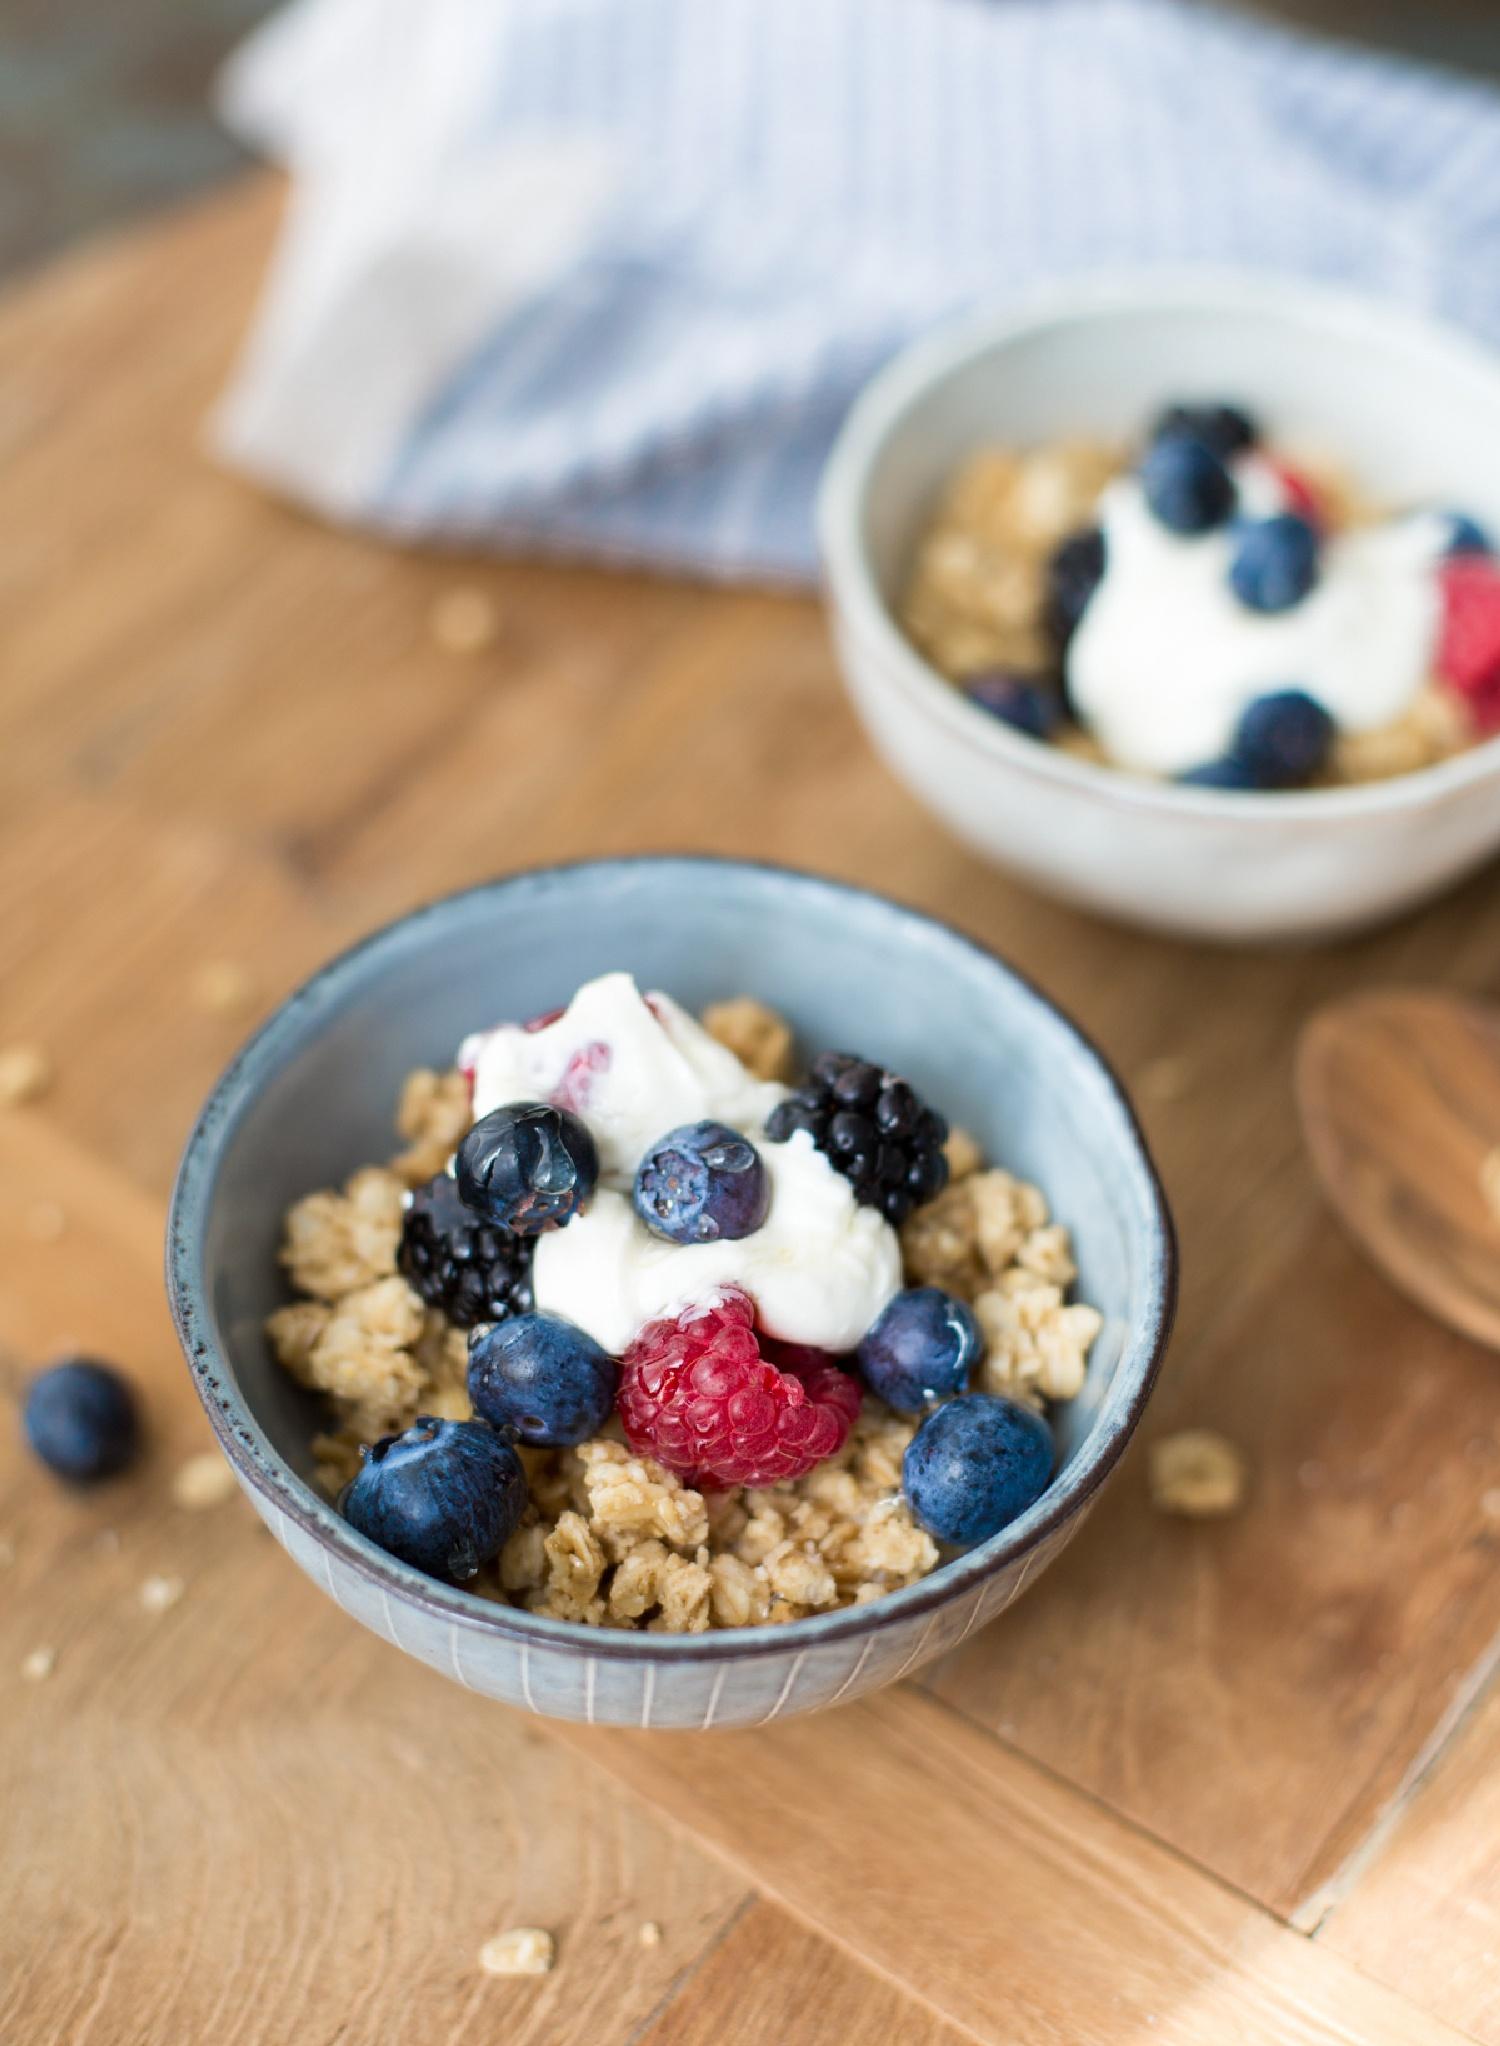 gesundes Frühstück bei uns - gibt es jeden Tag - griechischer Joghurt mit Hafer Crunch und Beeren